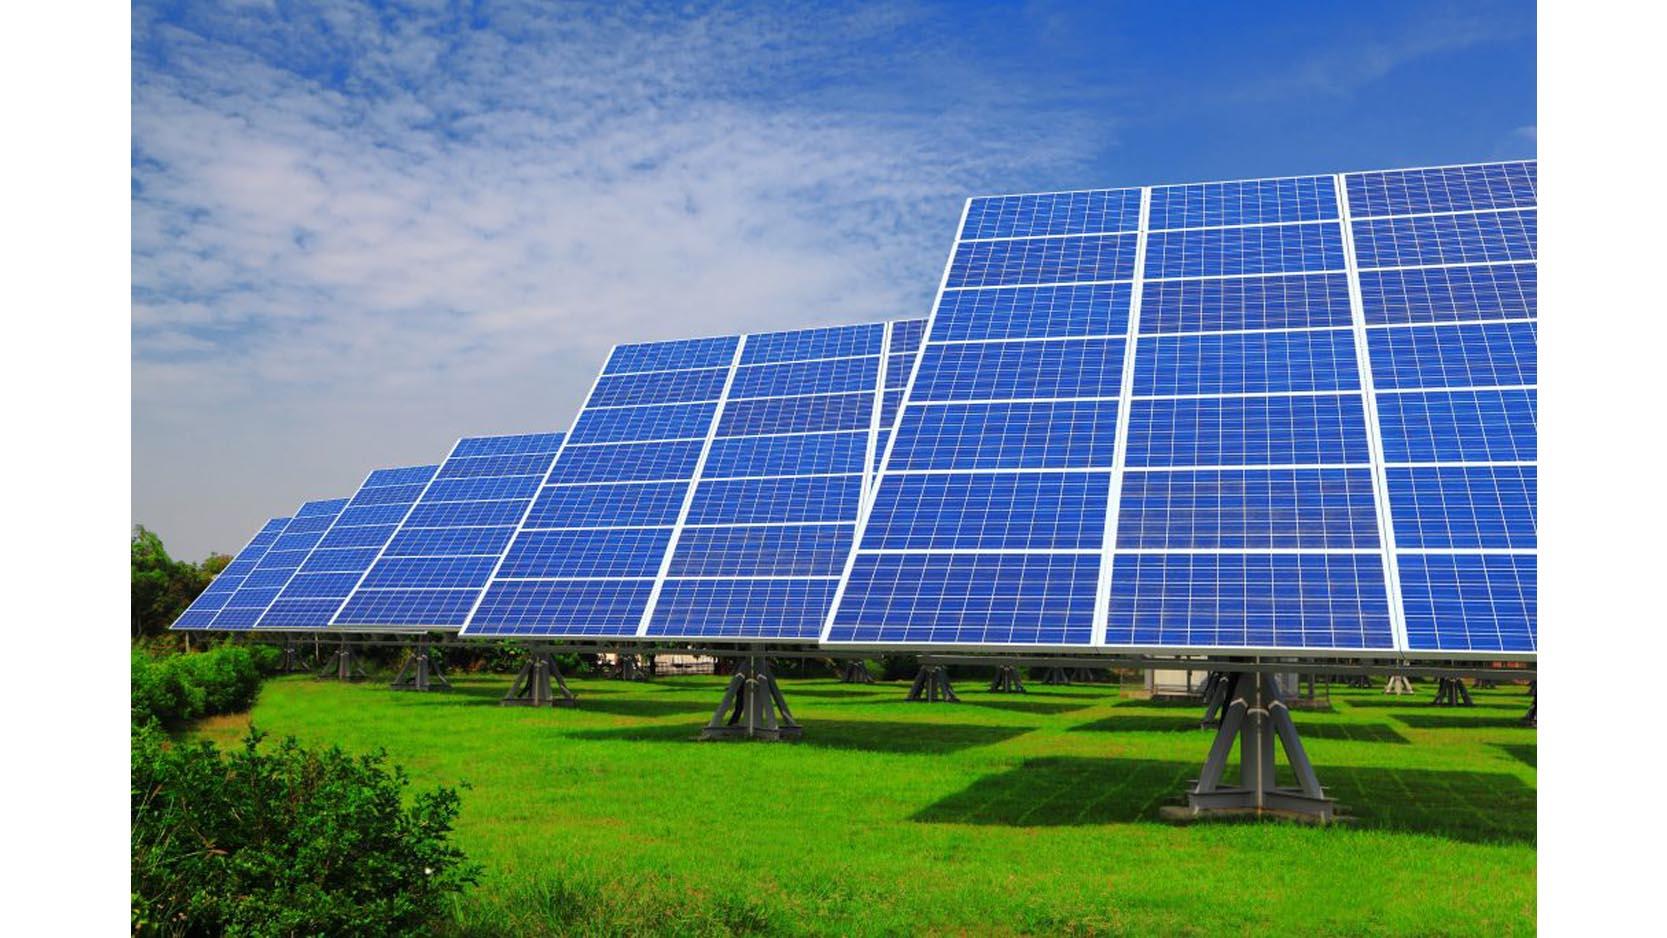 شرکتهای دانش بنیان تولید انرژی خورشیدی درقم را گسترش می دهند